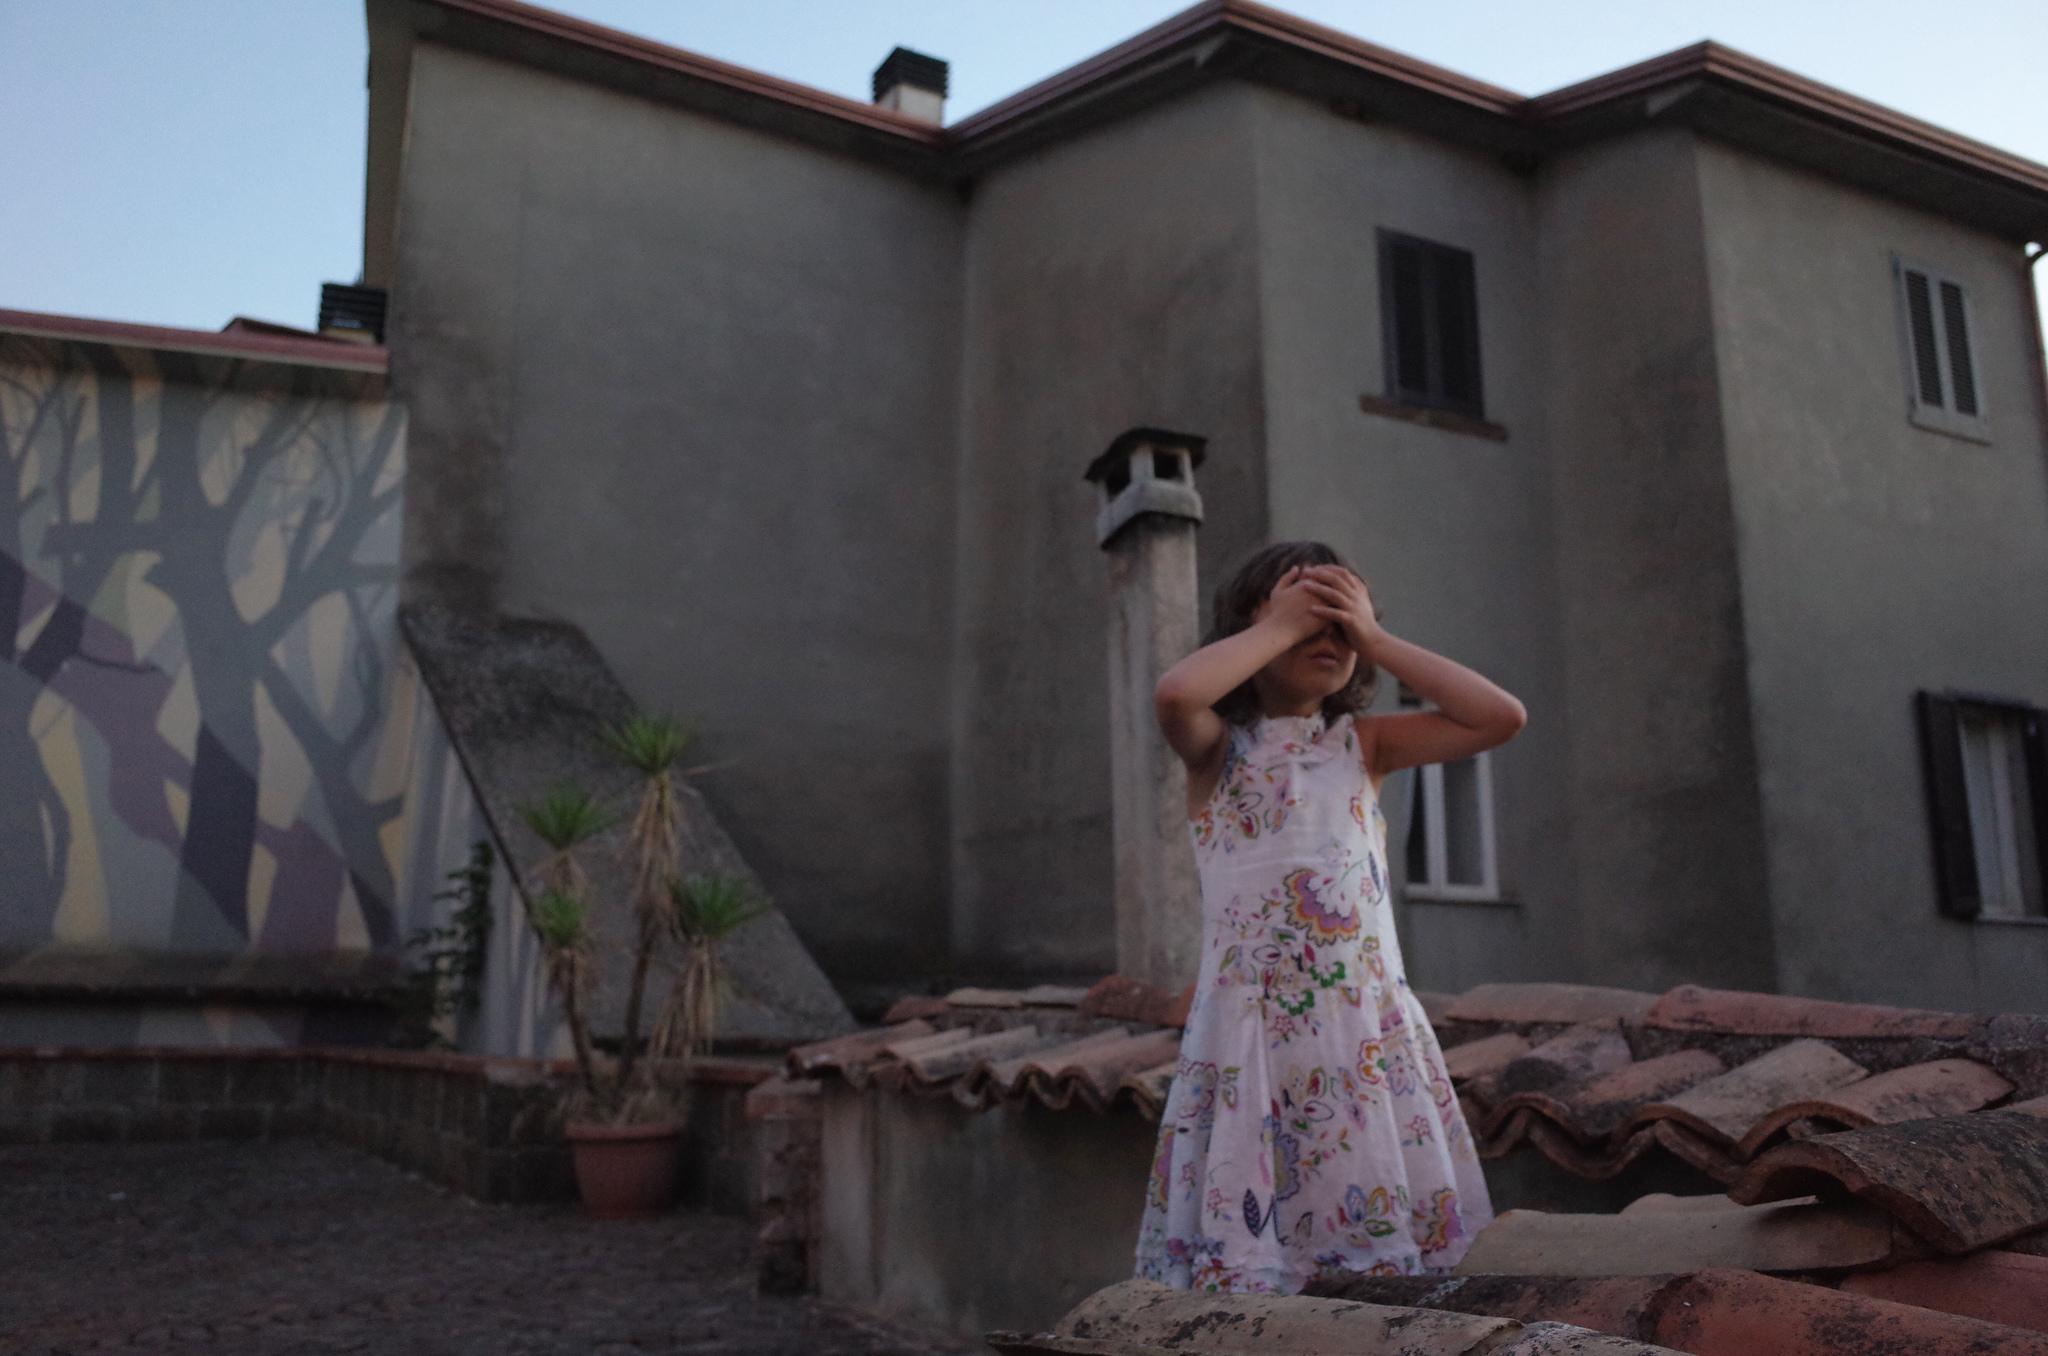 Viviana Roma mammut